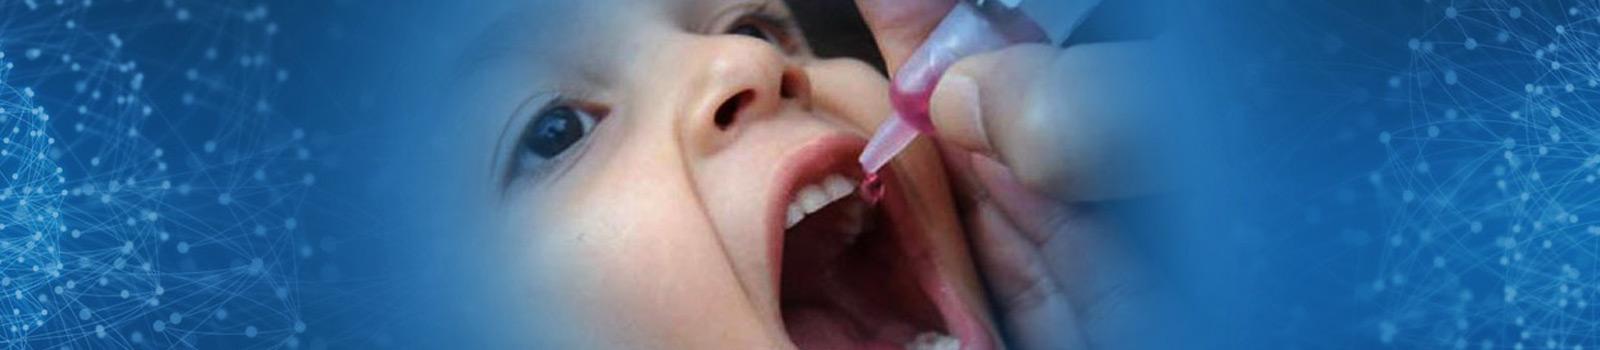 Pulse Polio Immunisation Programme